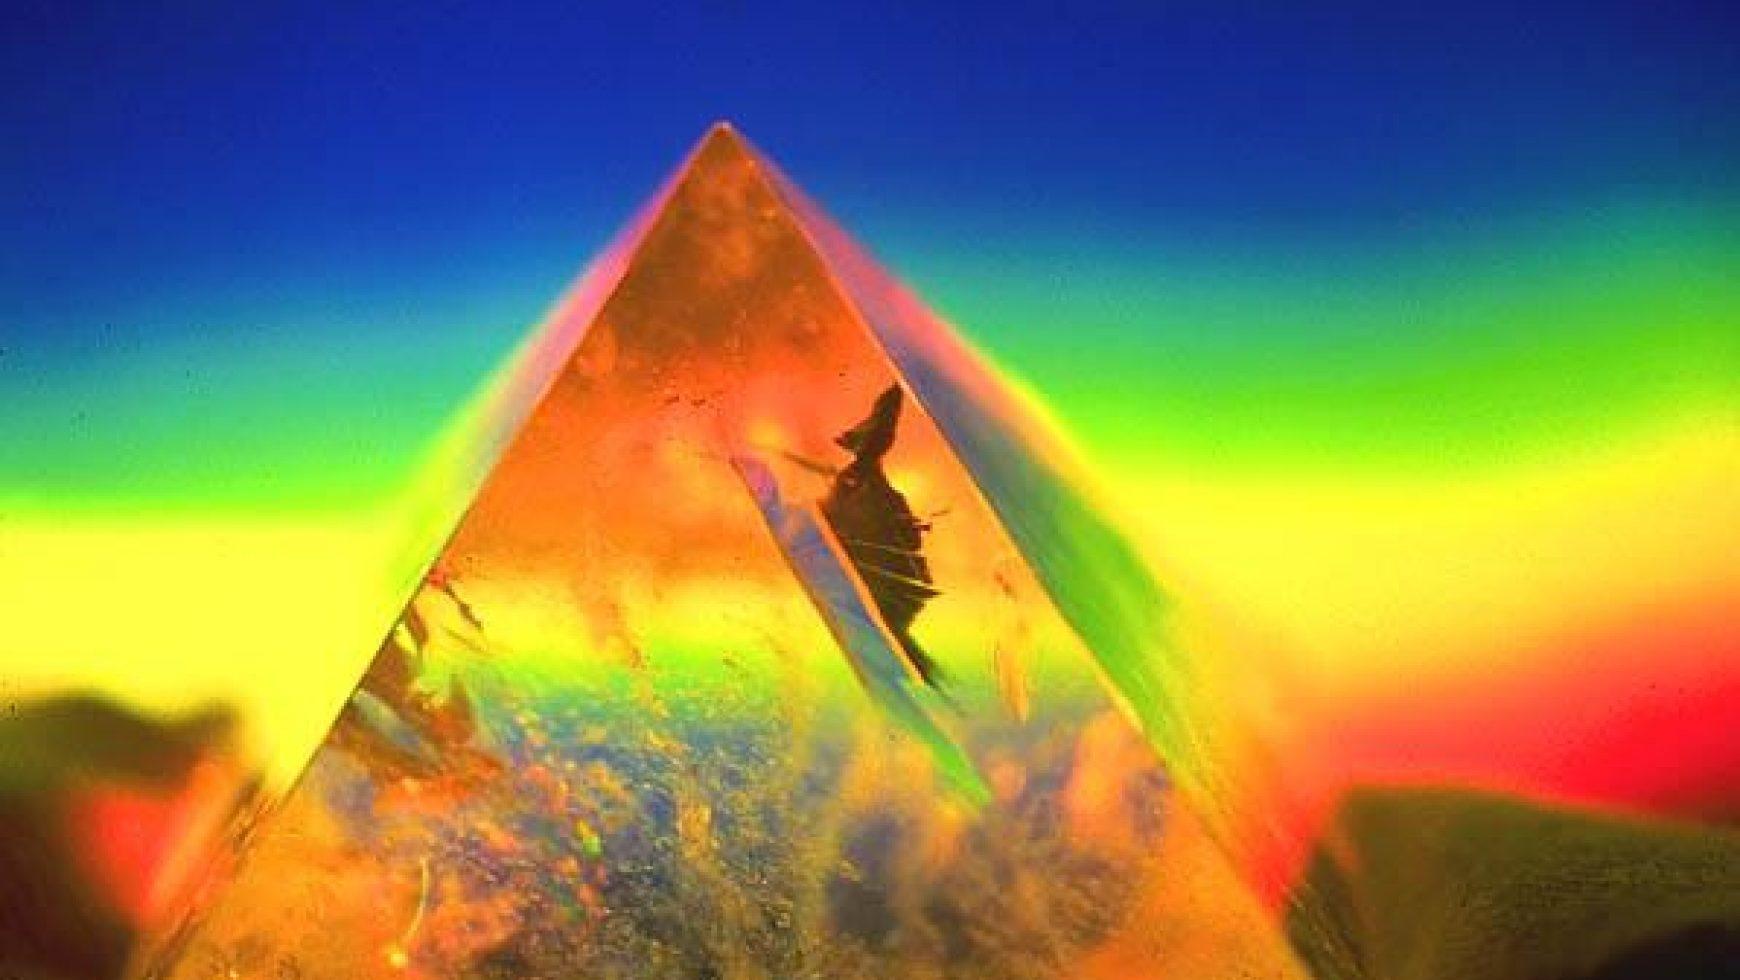 Lichtfeesten in de kristallen kathedralen